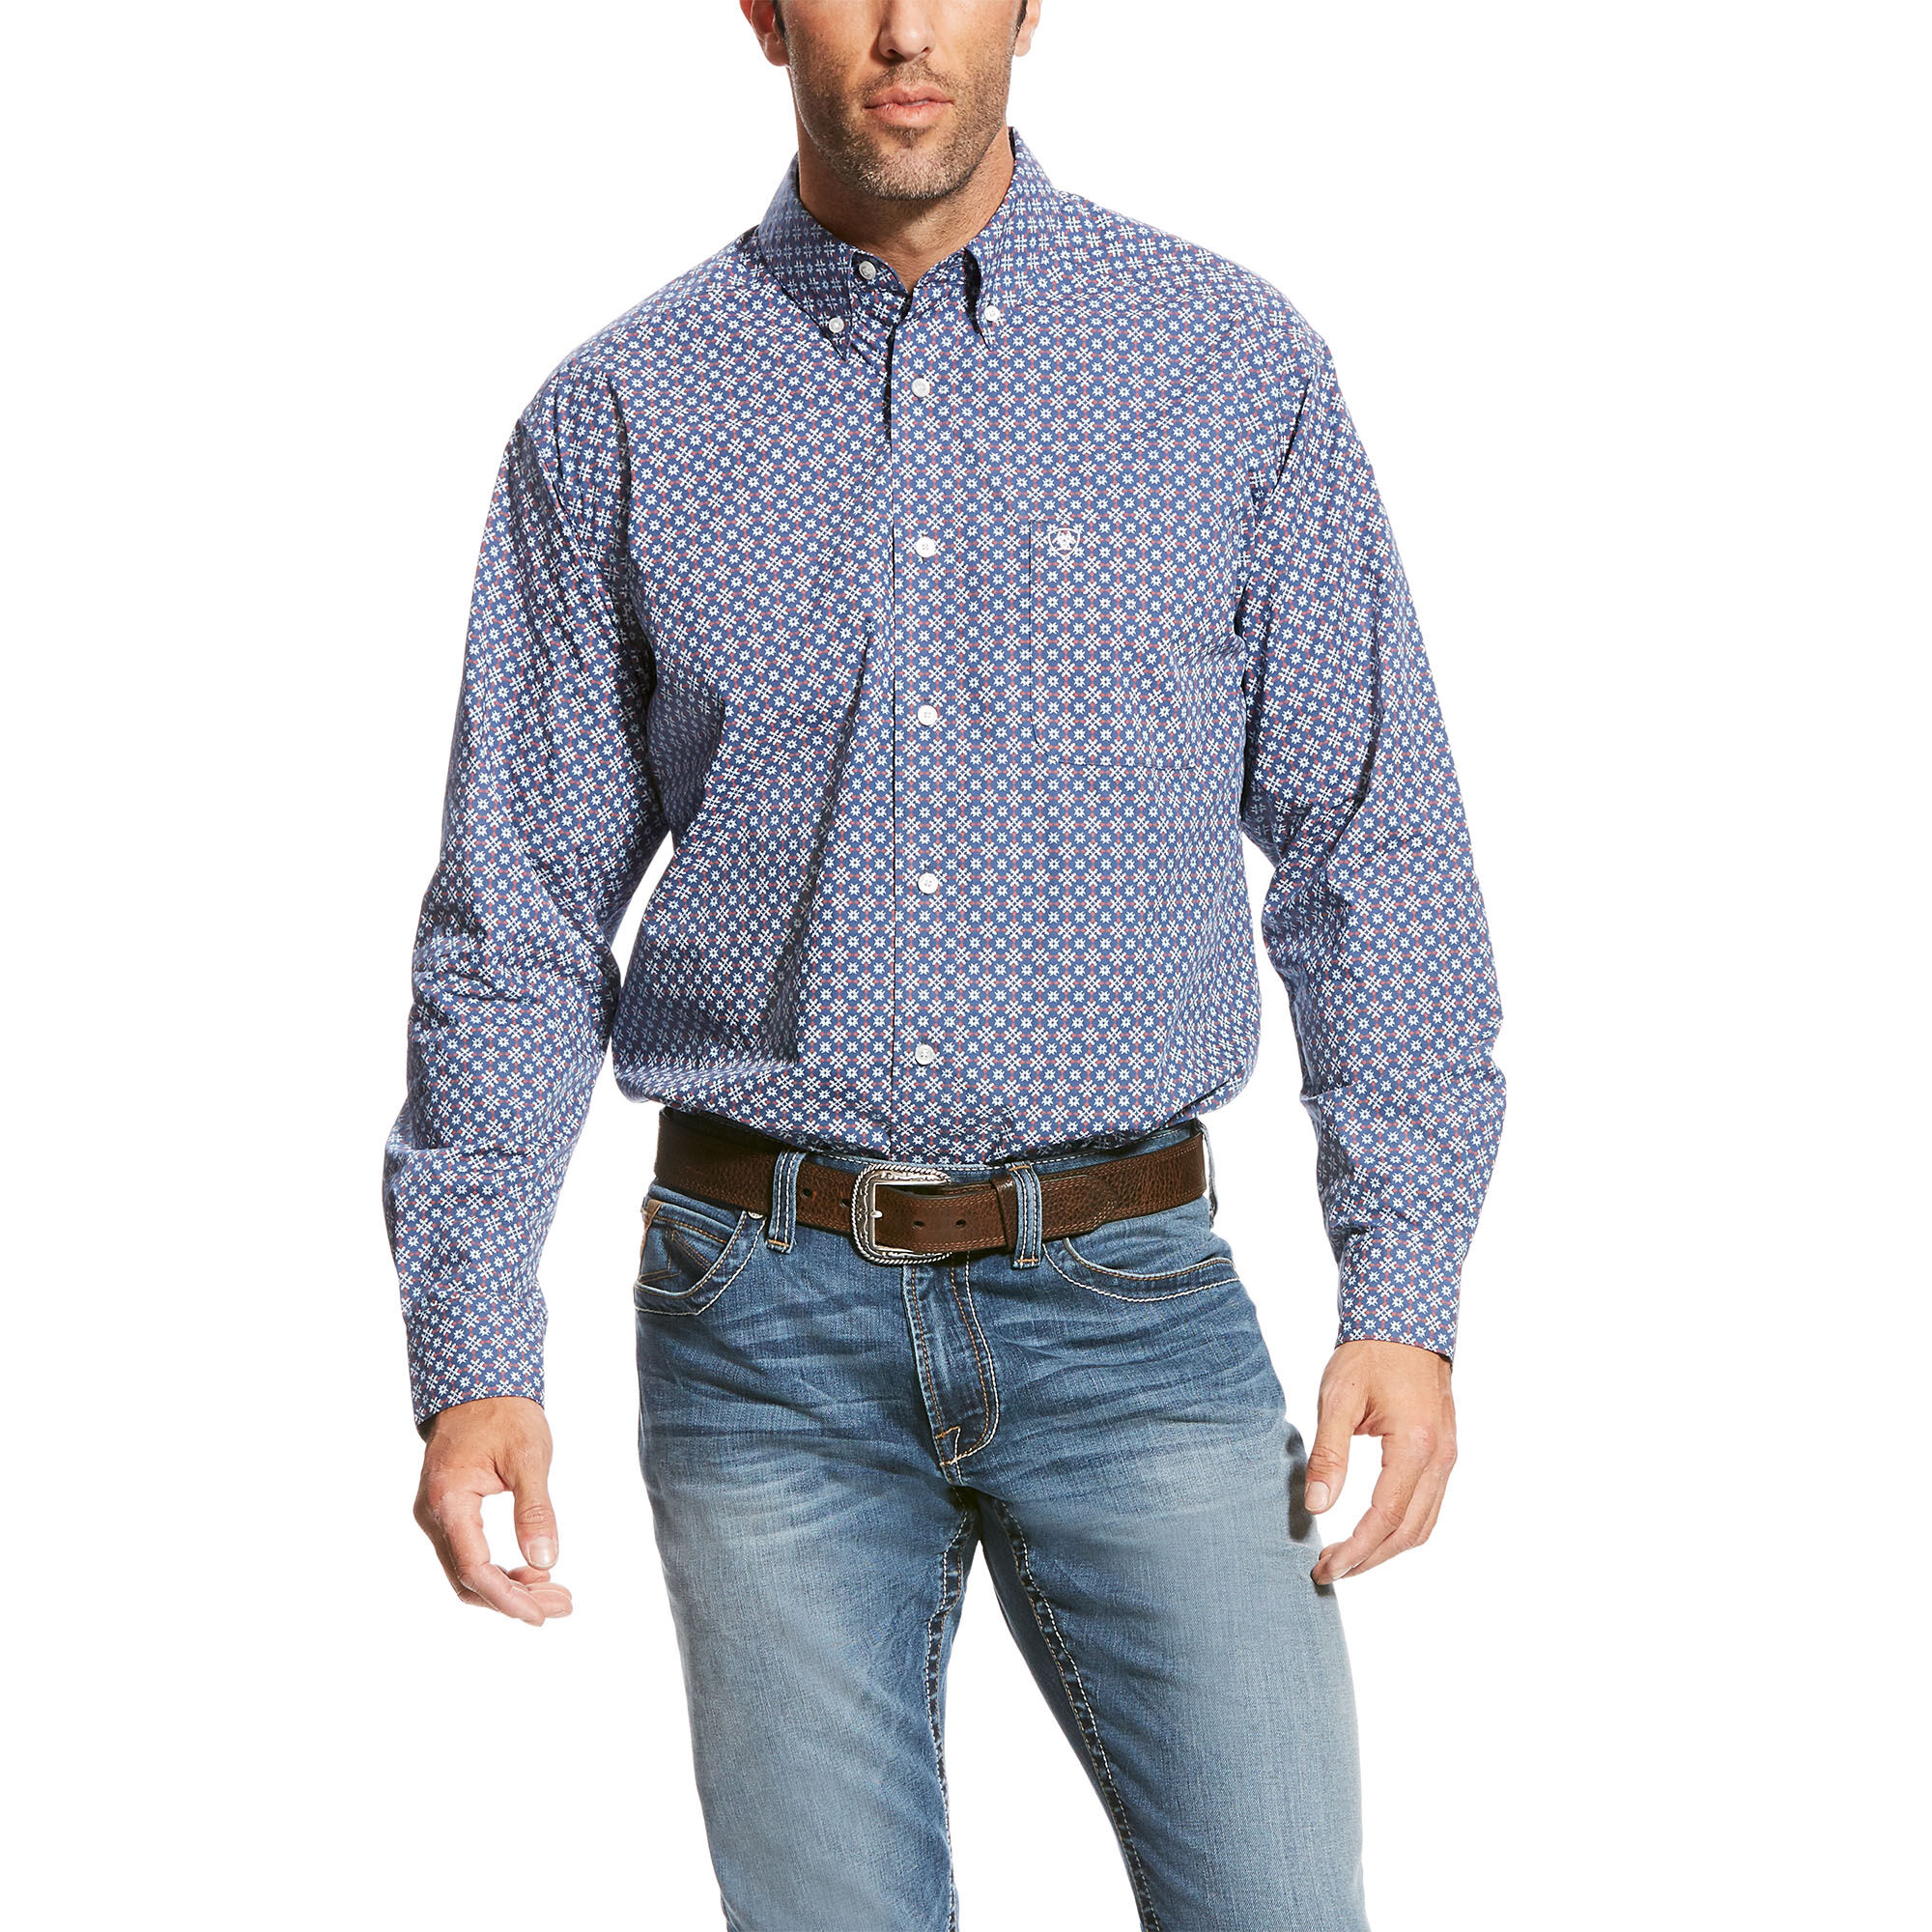 Talledo Shirt